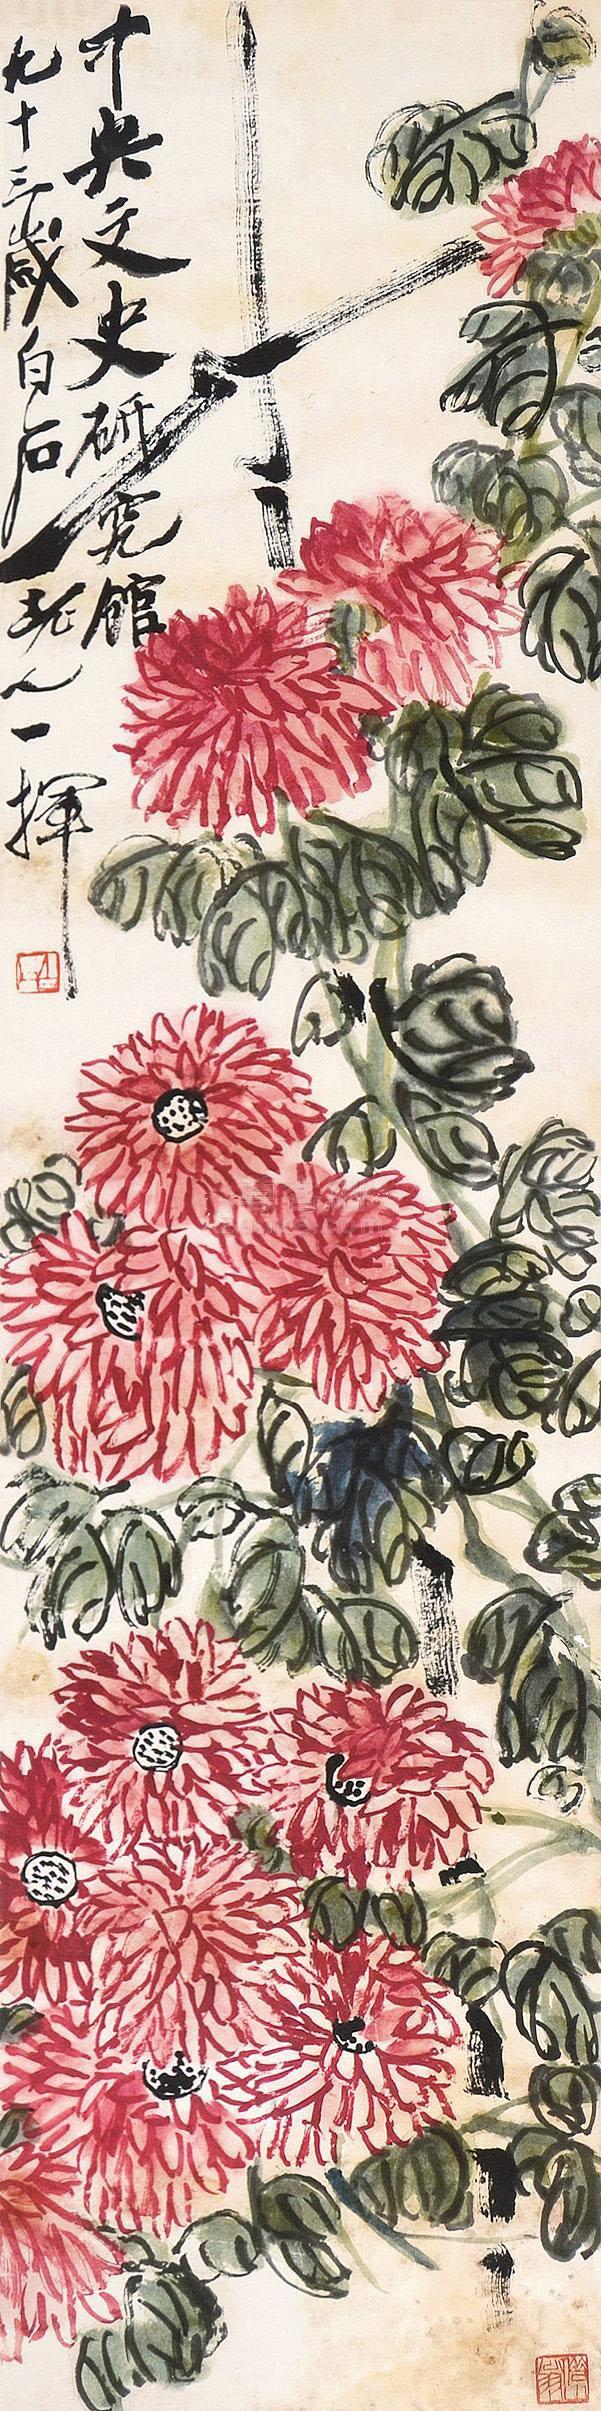 齐白石 花卉 立轴 纸本作品欣赏